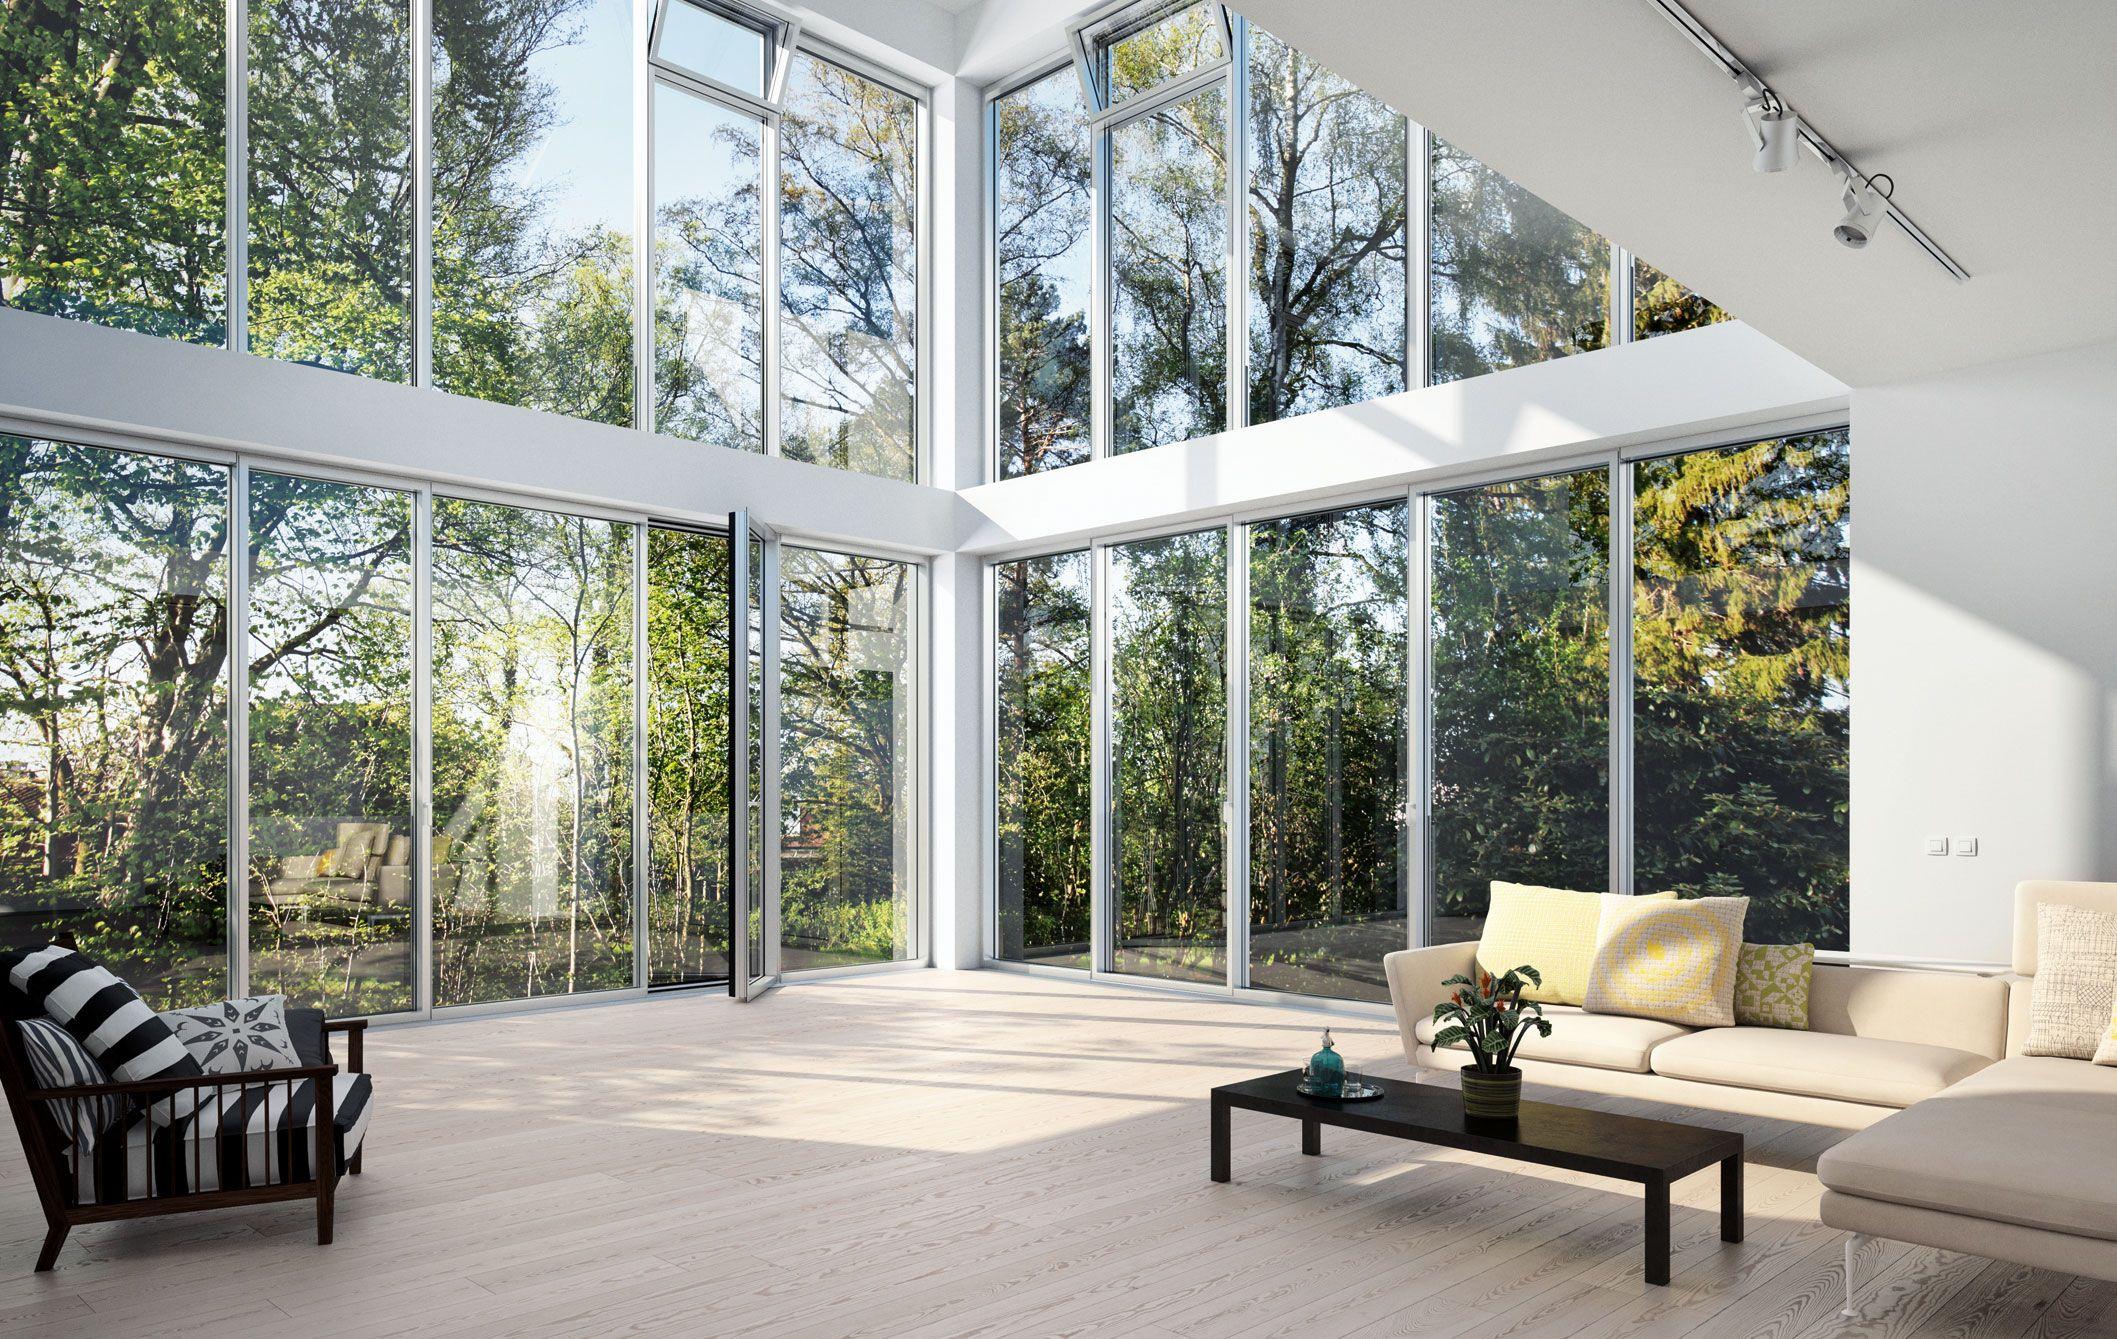 Full Size of Fensterfugen Erneuern Modernisieren Fenster Technik Mit Durchblick Bad Kosten Wohnzimmer Fensterfugen Erneuern